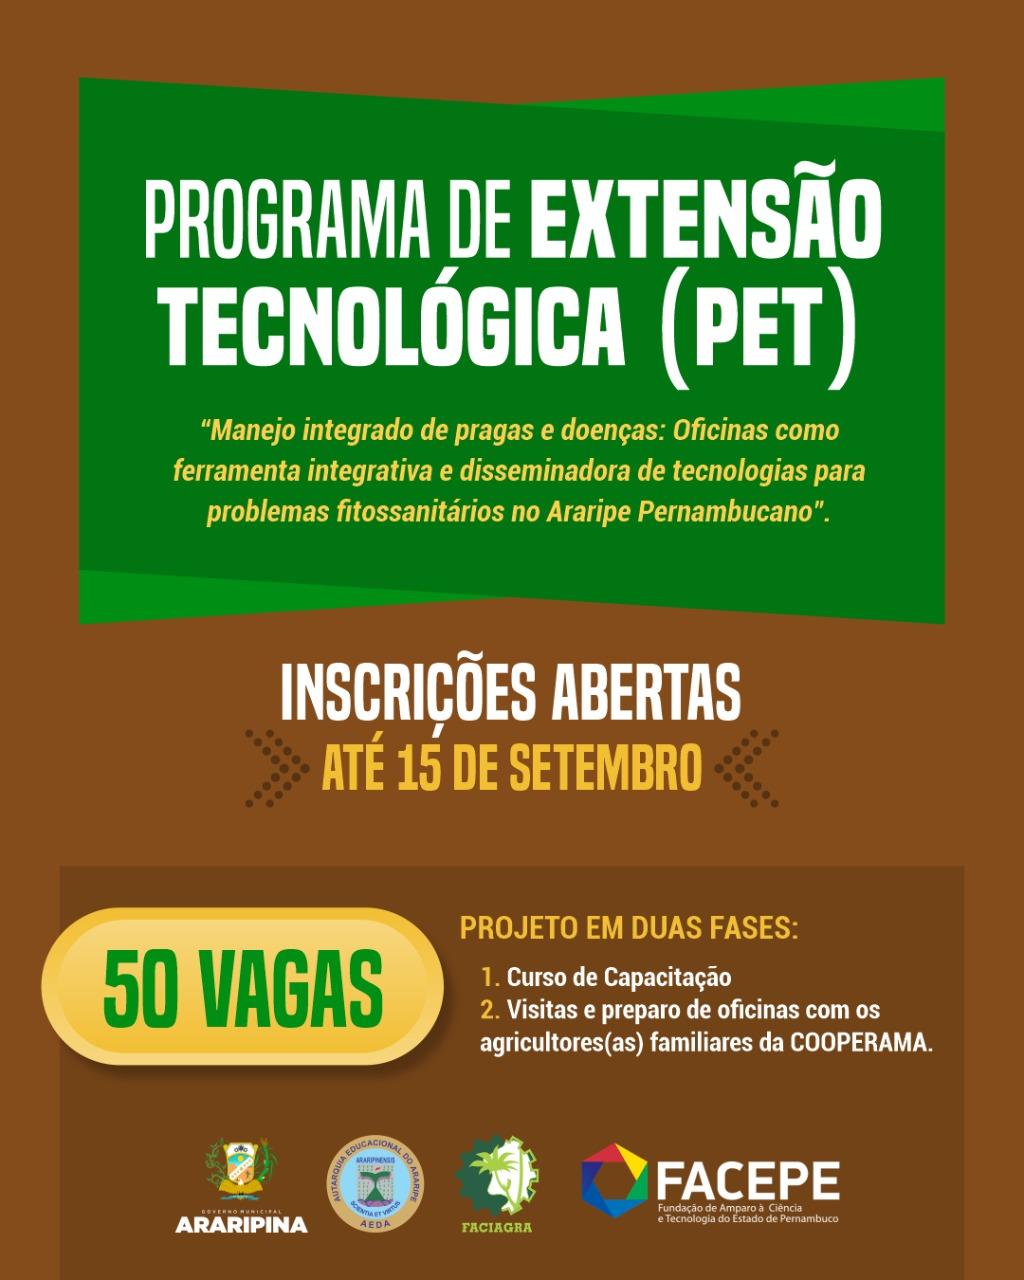 FACIAGRA abre inscrições para o projeto de extensão tecnológica que foi aprovado em edital da FACEPE